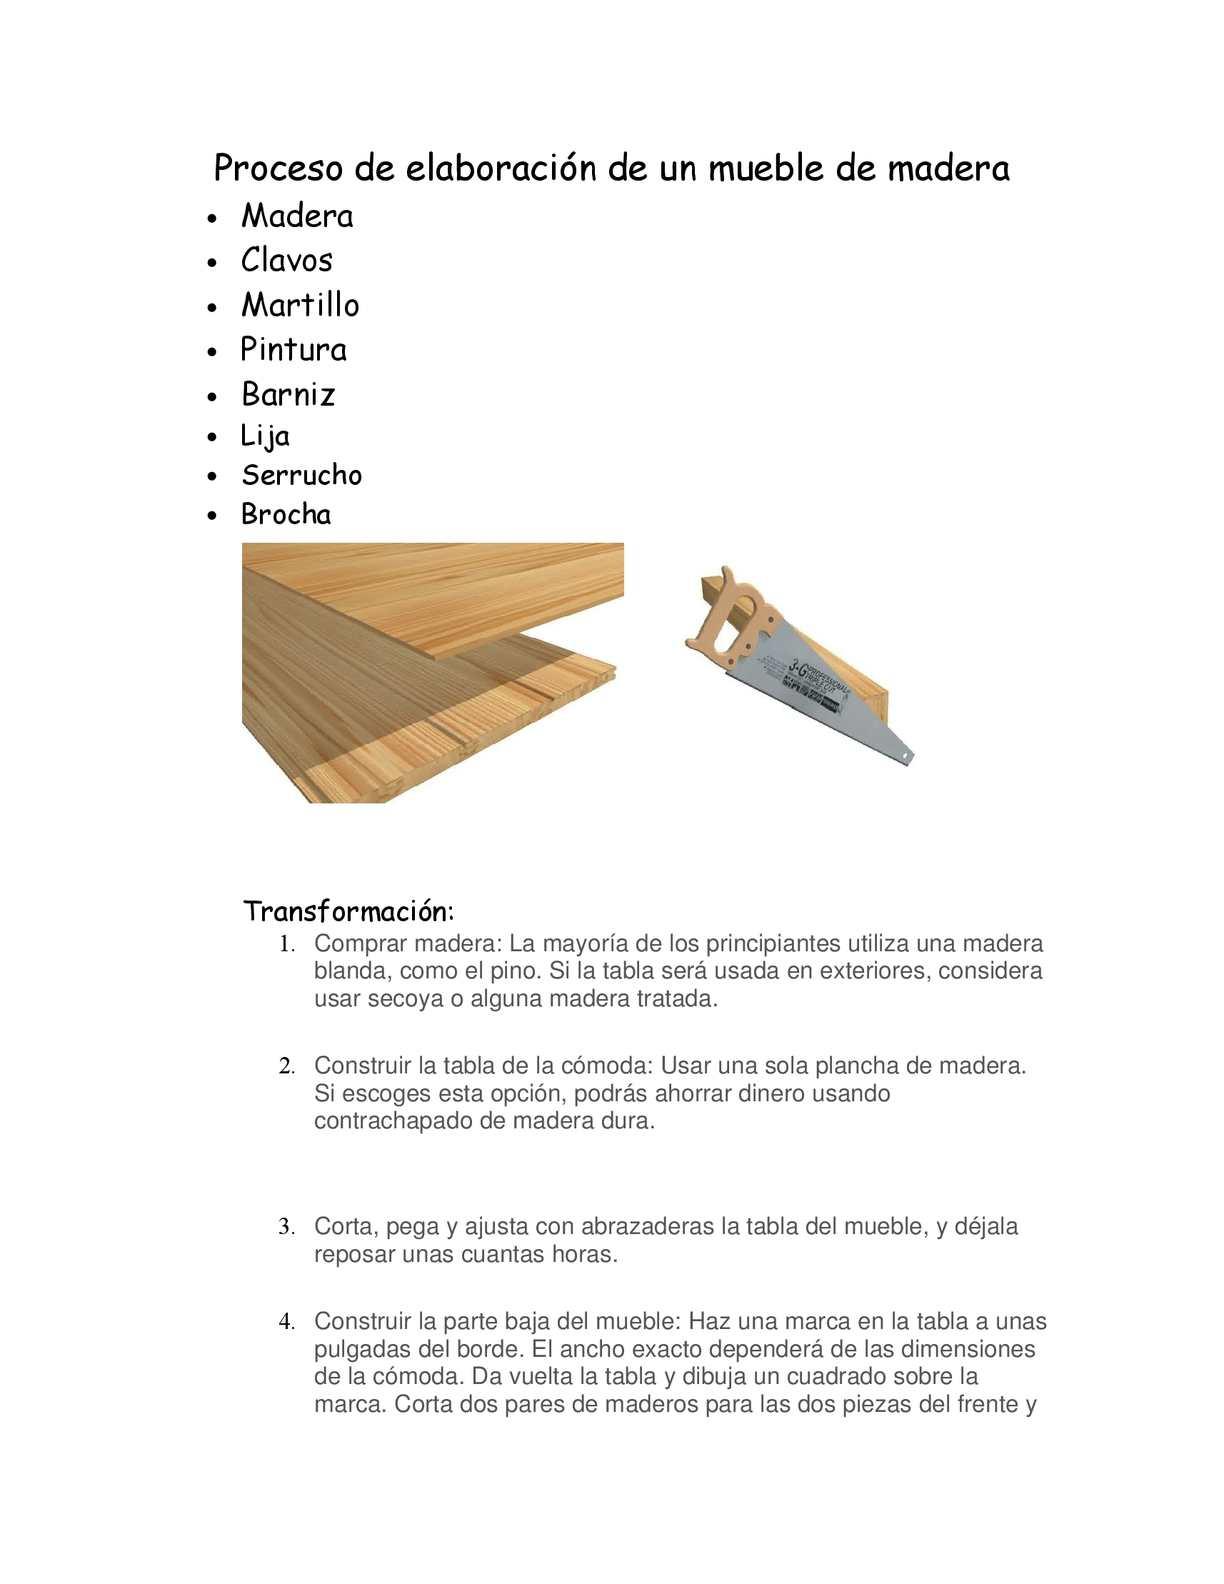 Calam o proceso de elaboraci n de un mueble de madera for La beta de la madera